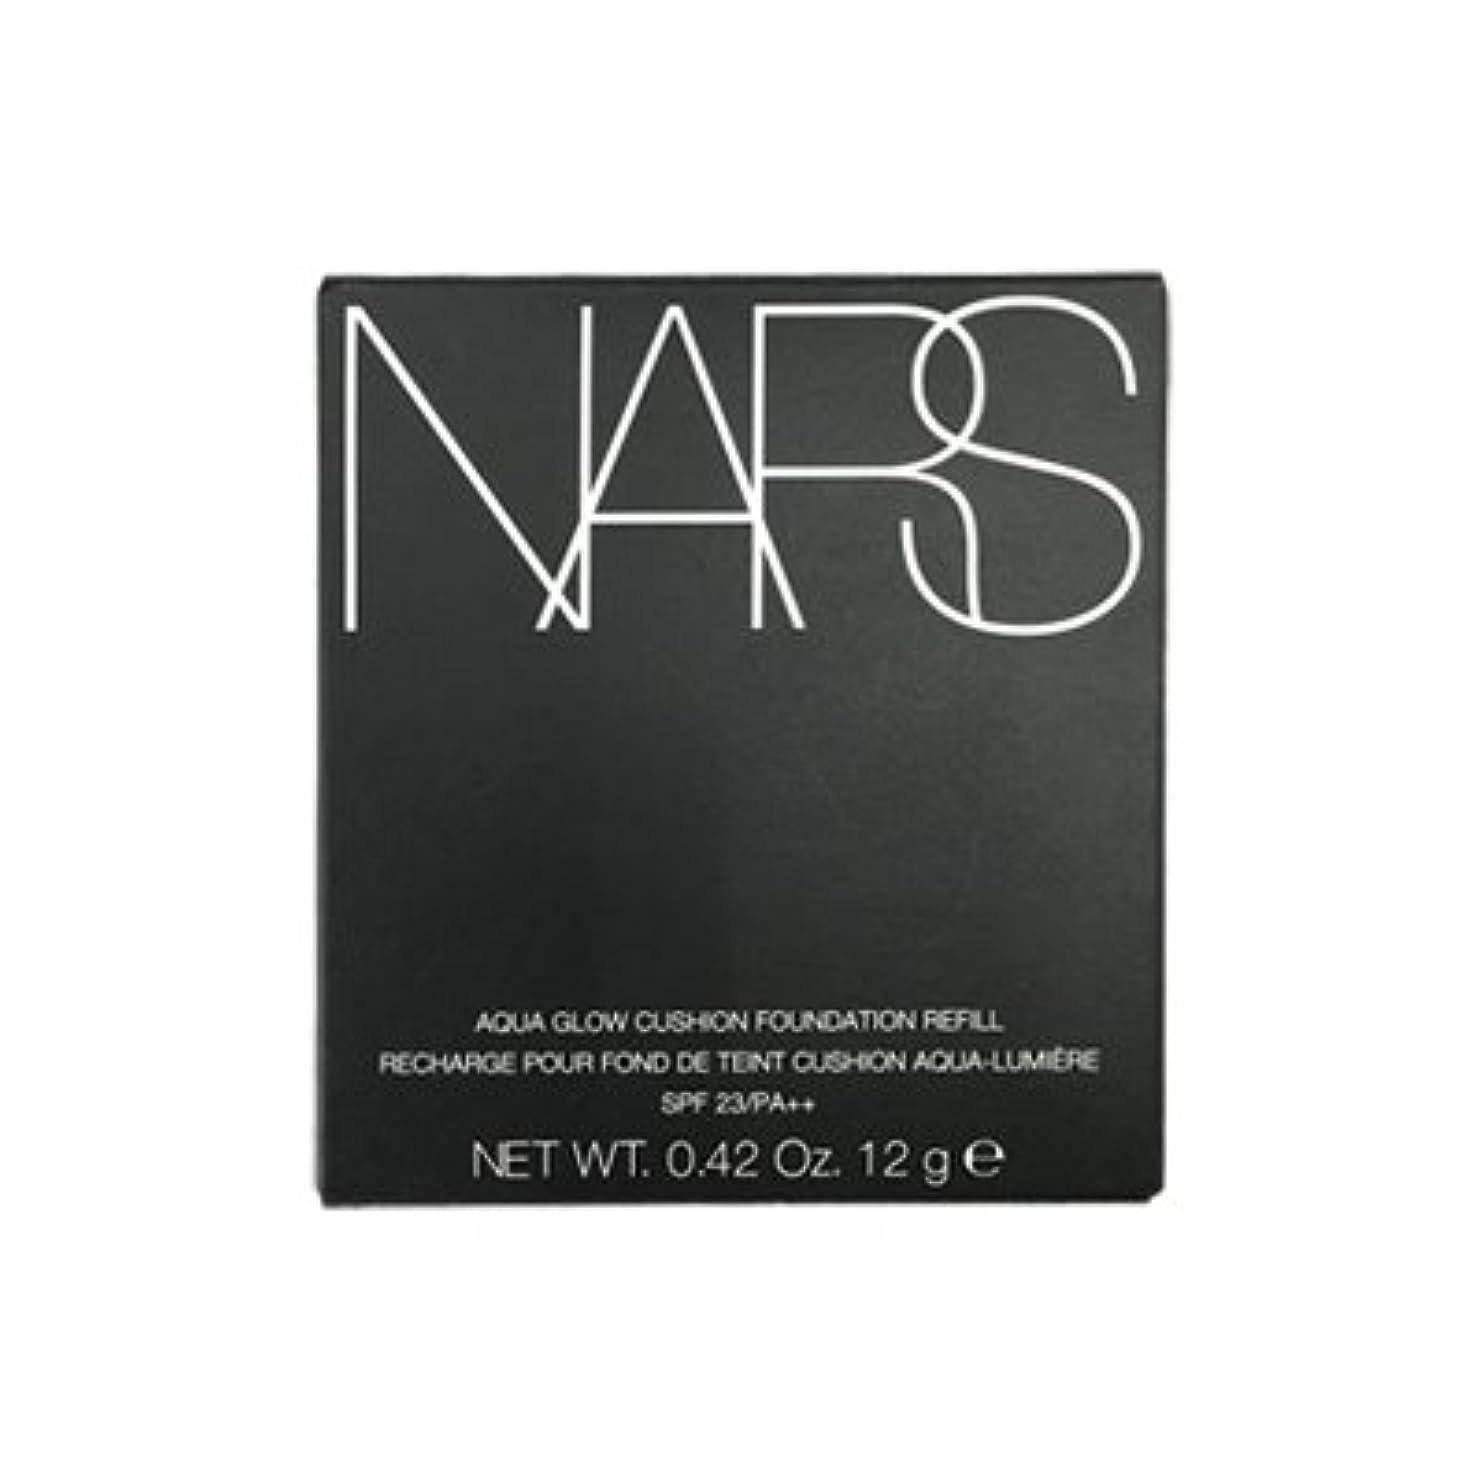 気候複雑な読みやすいNARS アクアティックグロー クッションコンパクト レフィル SPF23/PA++ #6801 [並行輸入品]